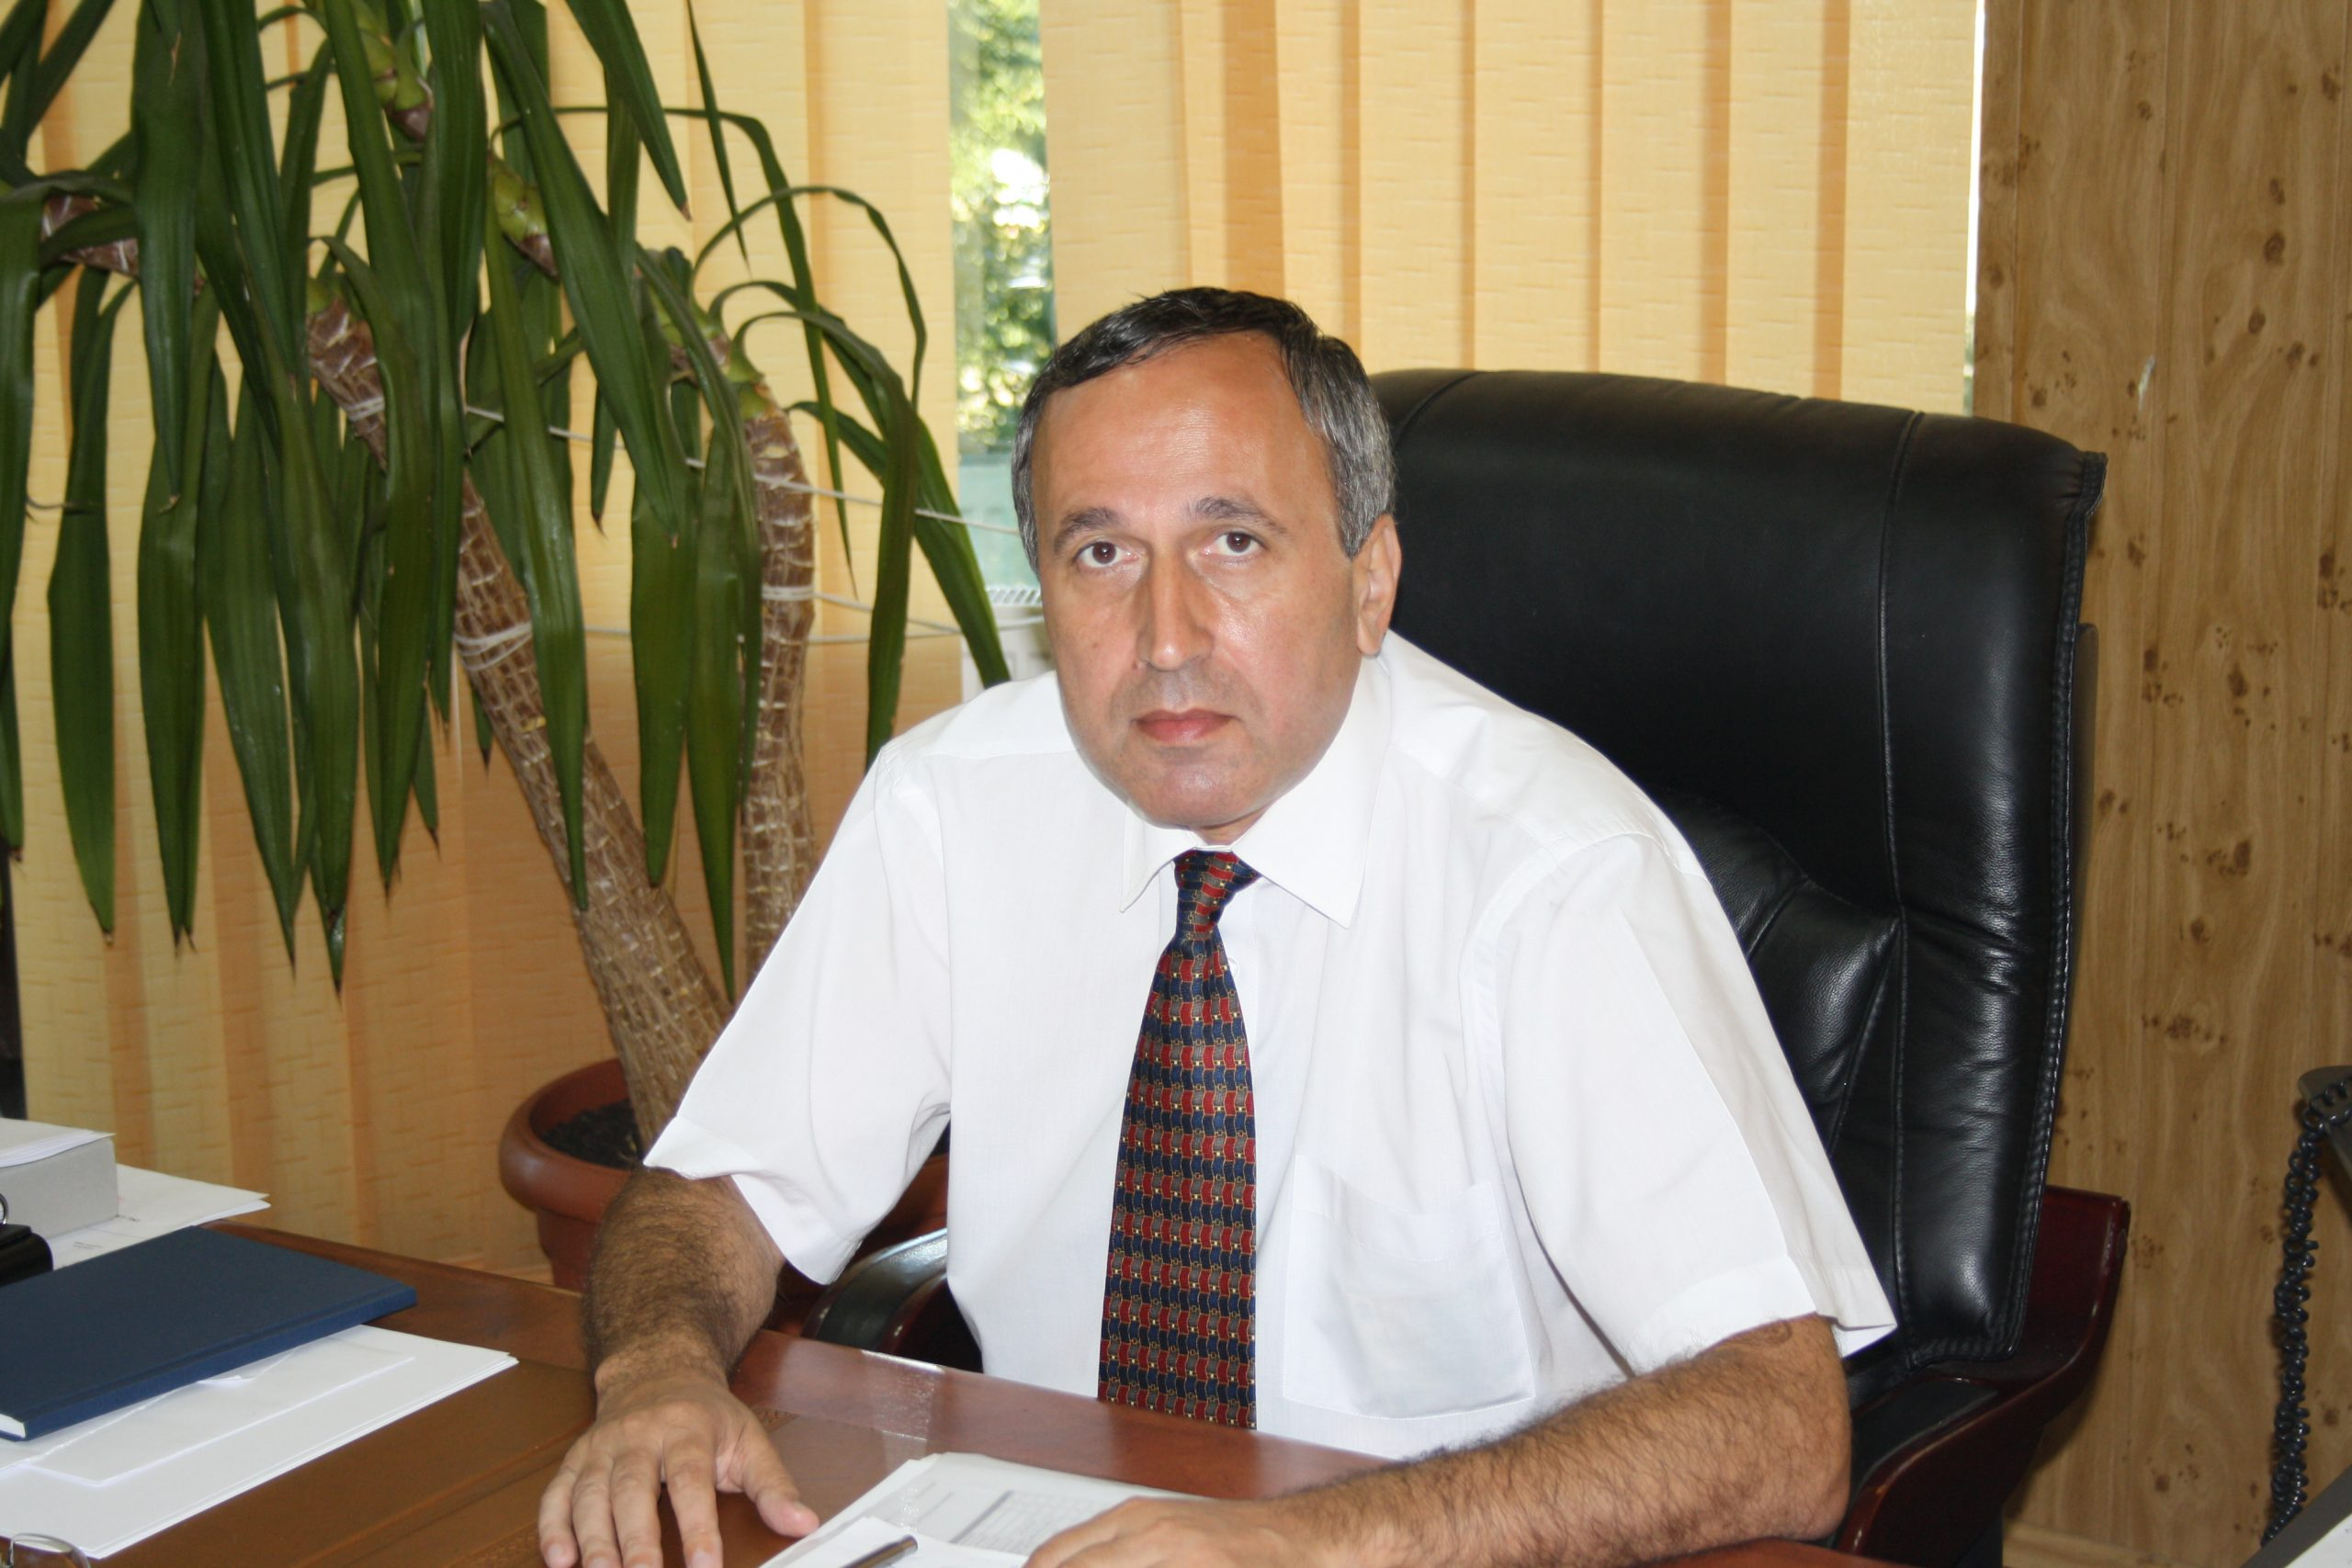 """Cristian Nedelcu: """"La modul cum merg lucrurile, nu cred că în mandatul acesta se va putea implementa vreun proiect european"""""""